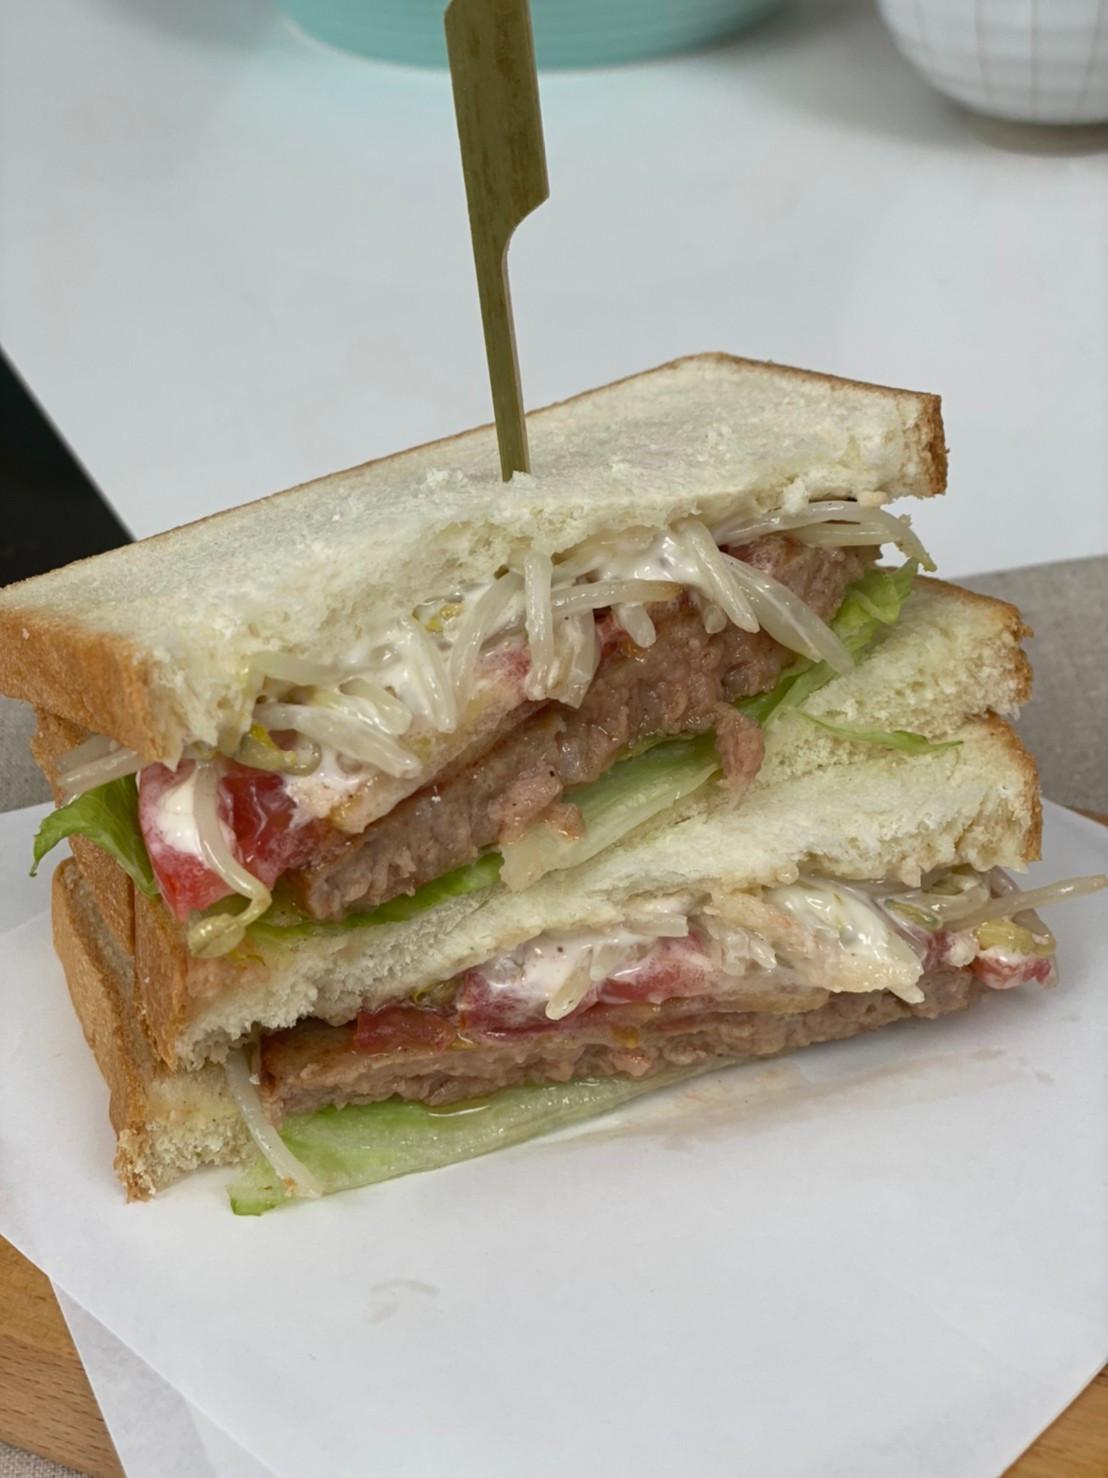 全聯食譜之爸爸回家做晚飯-黑豬肉三明治